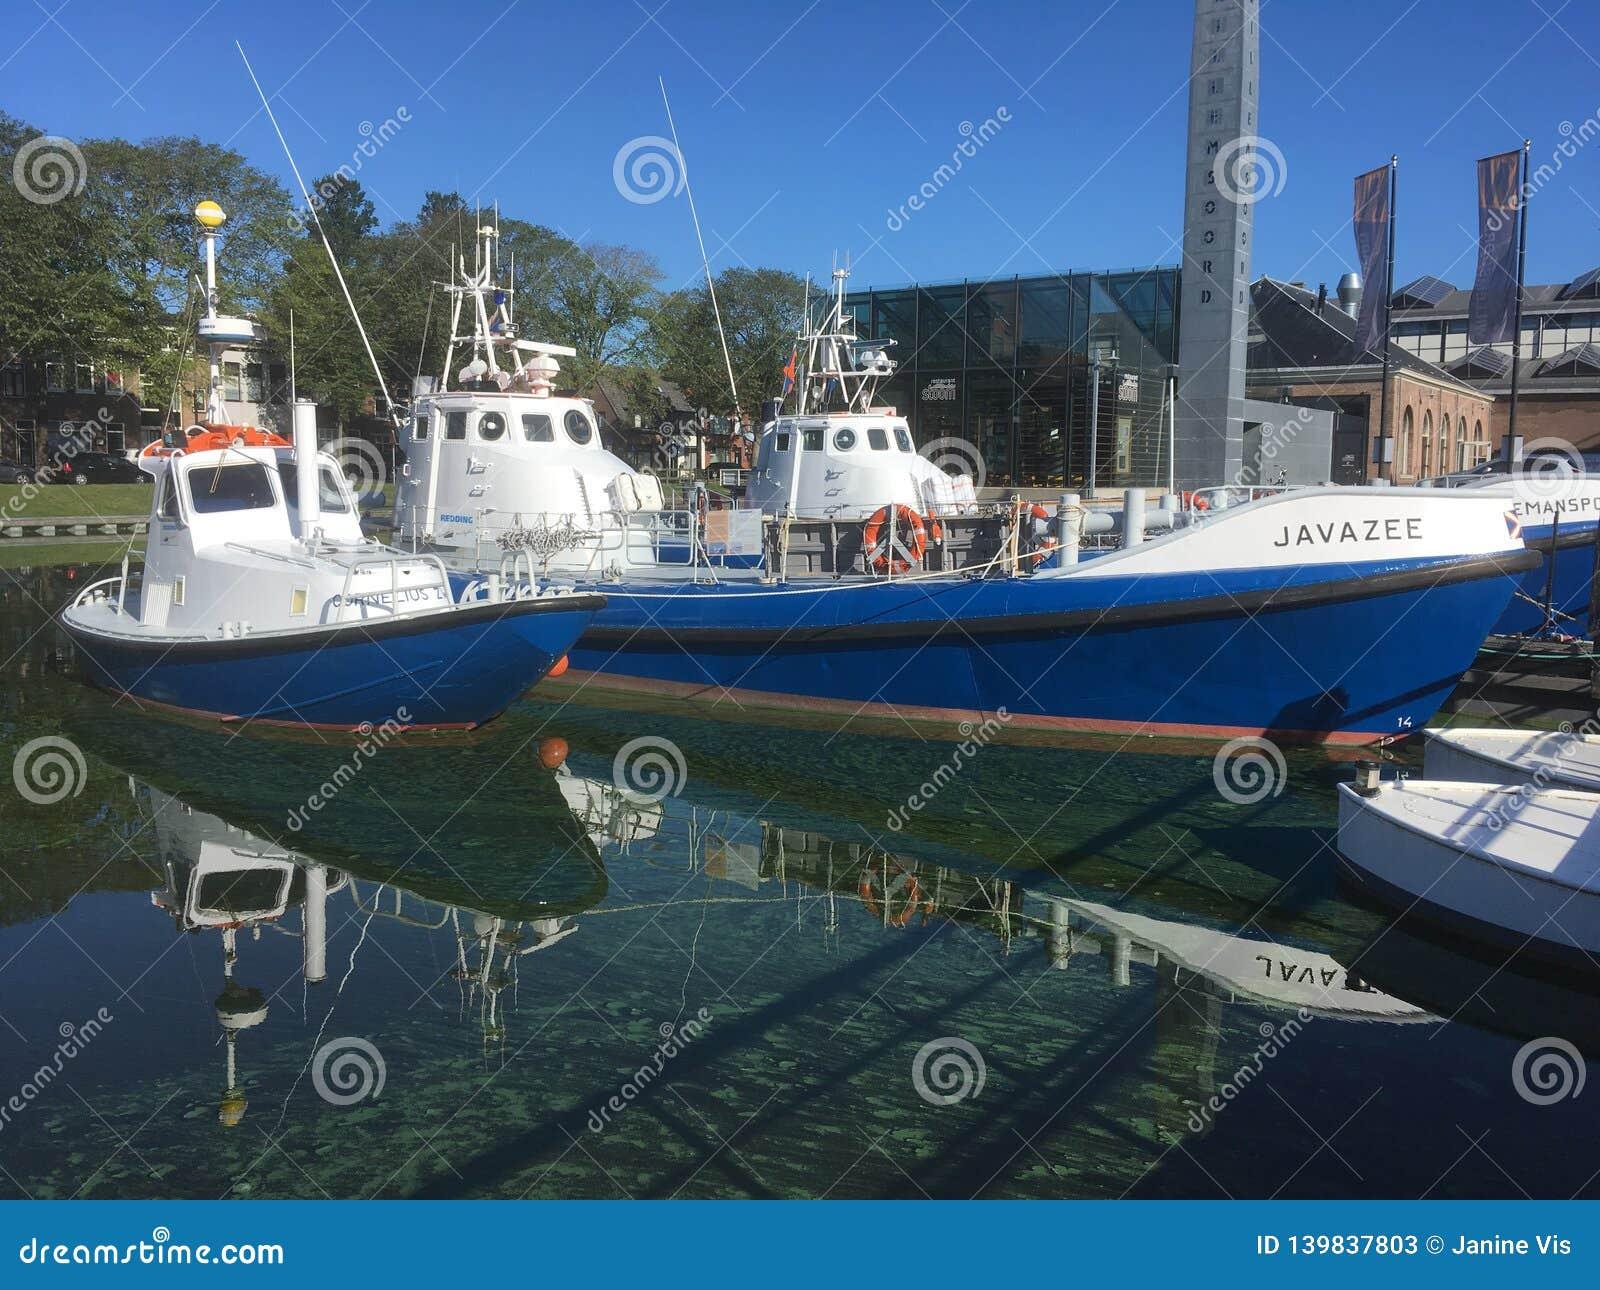 Rettungsboote, refelect im Wasser